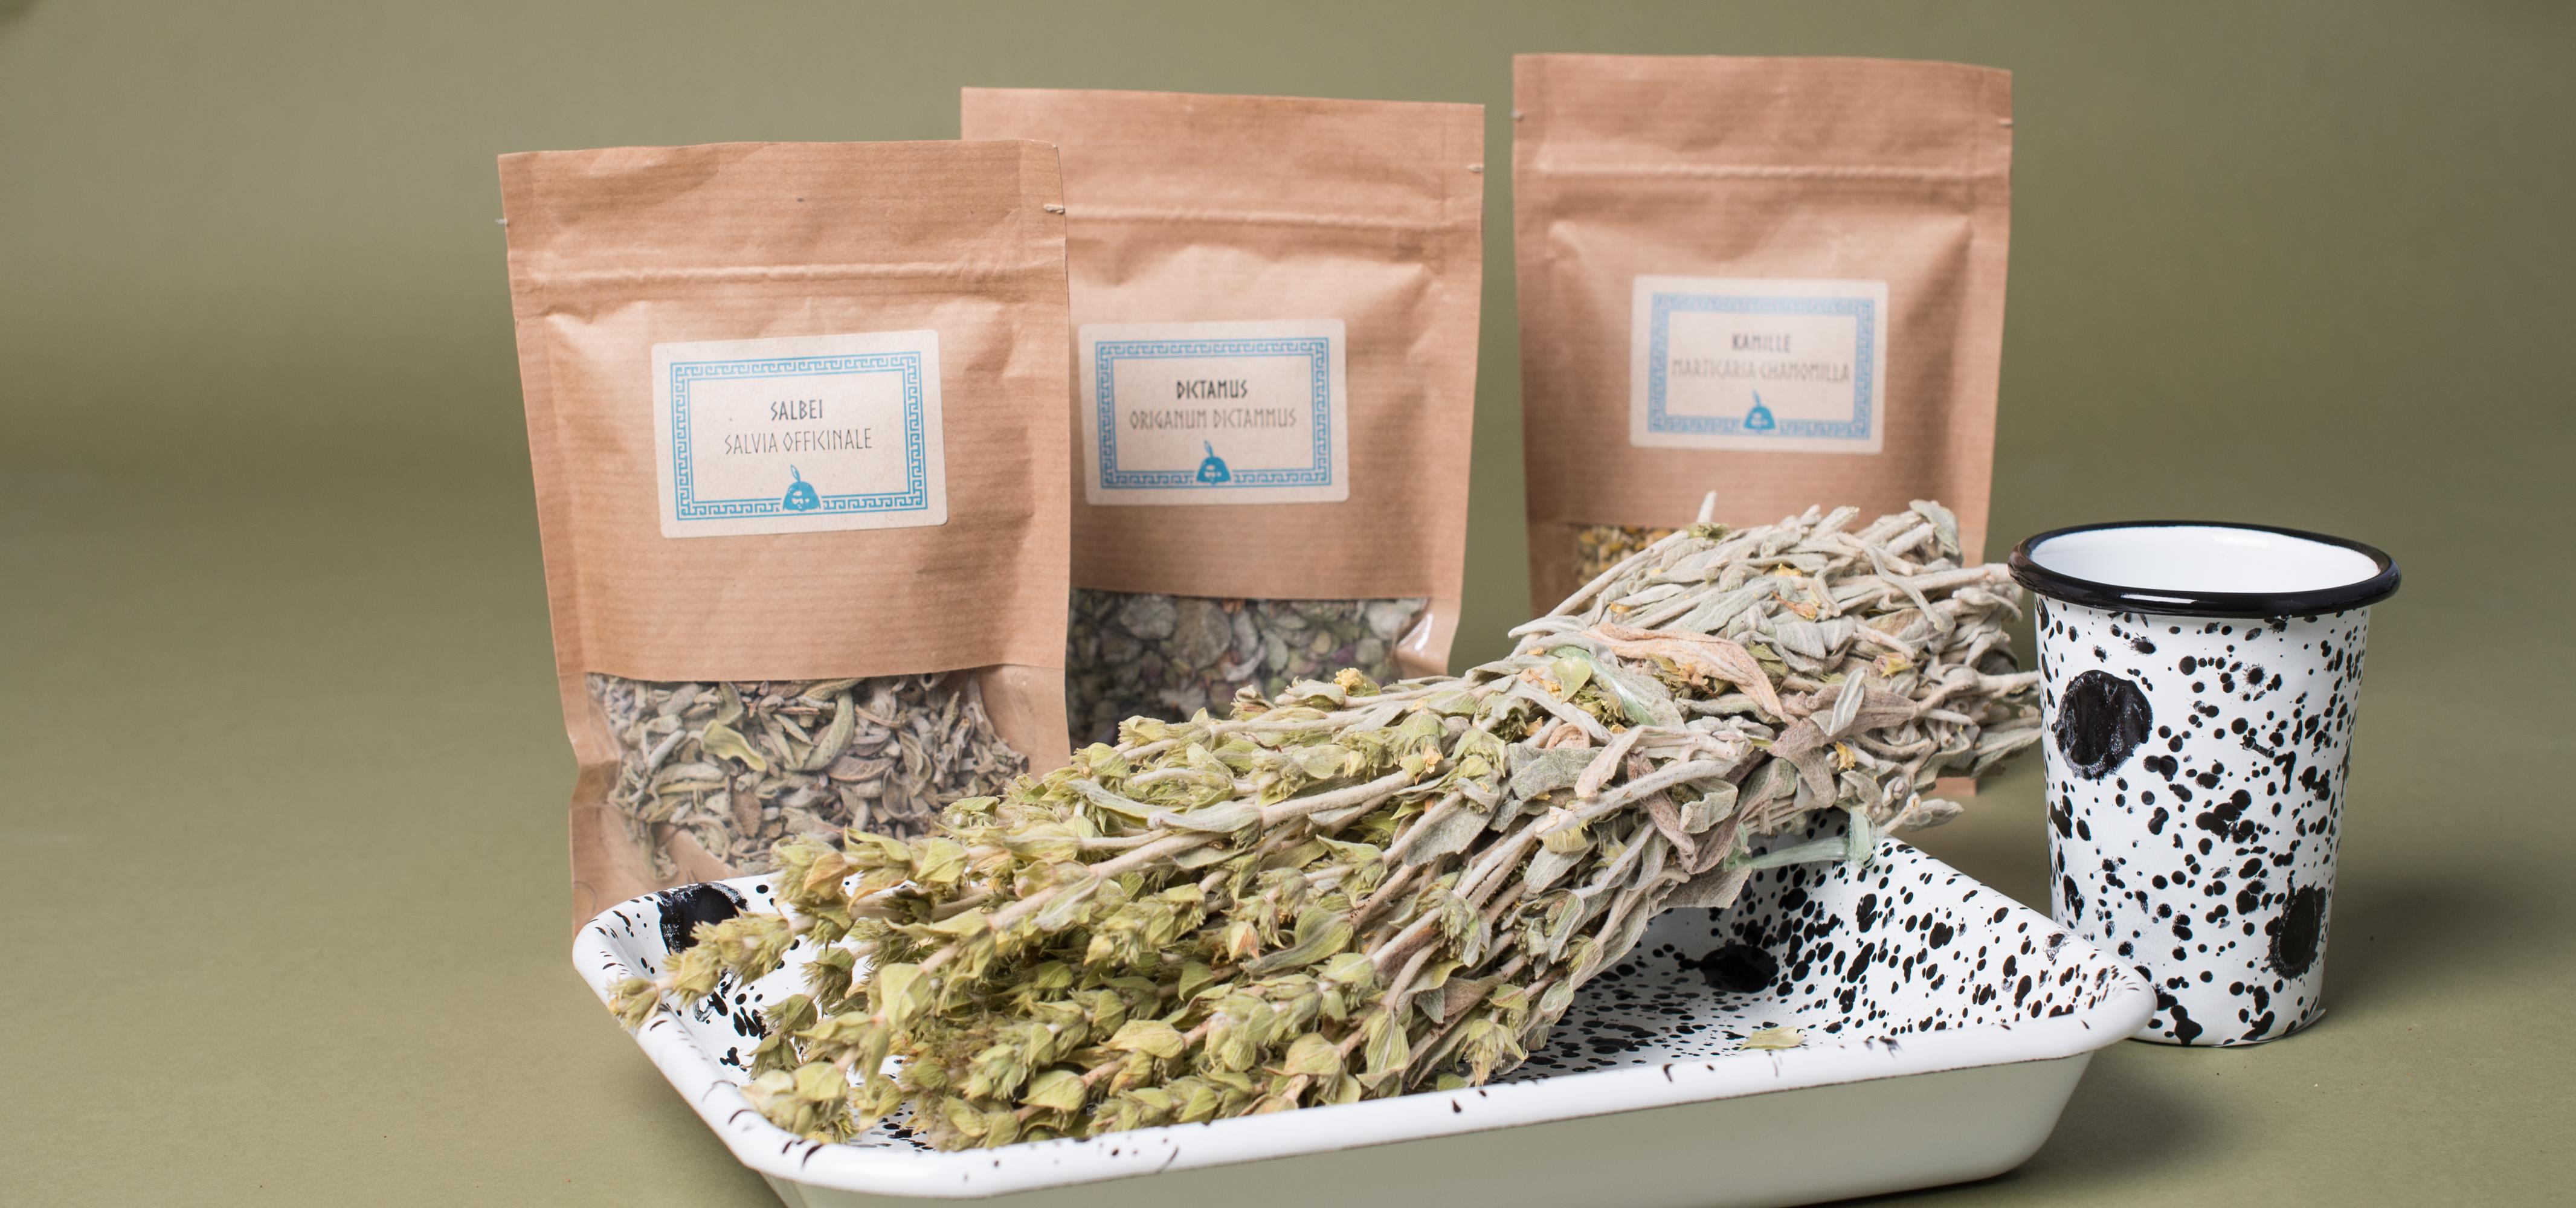 Kitchener Greek Herbs